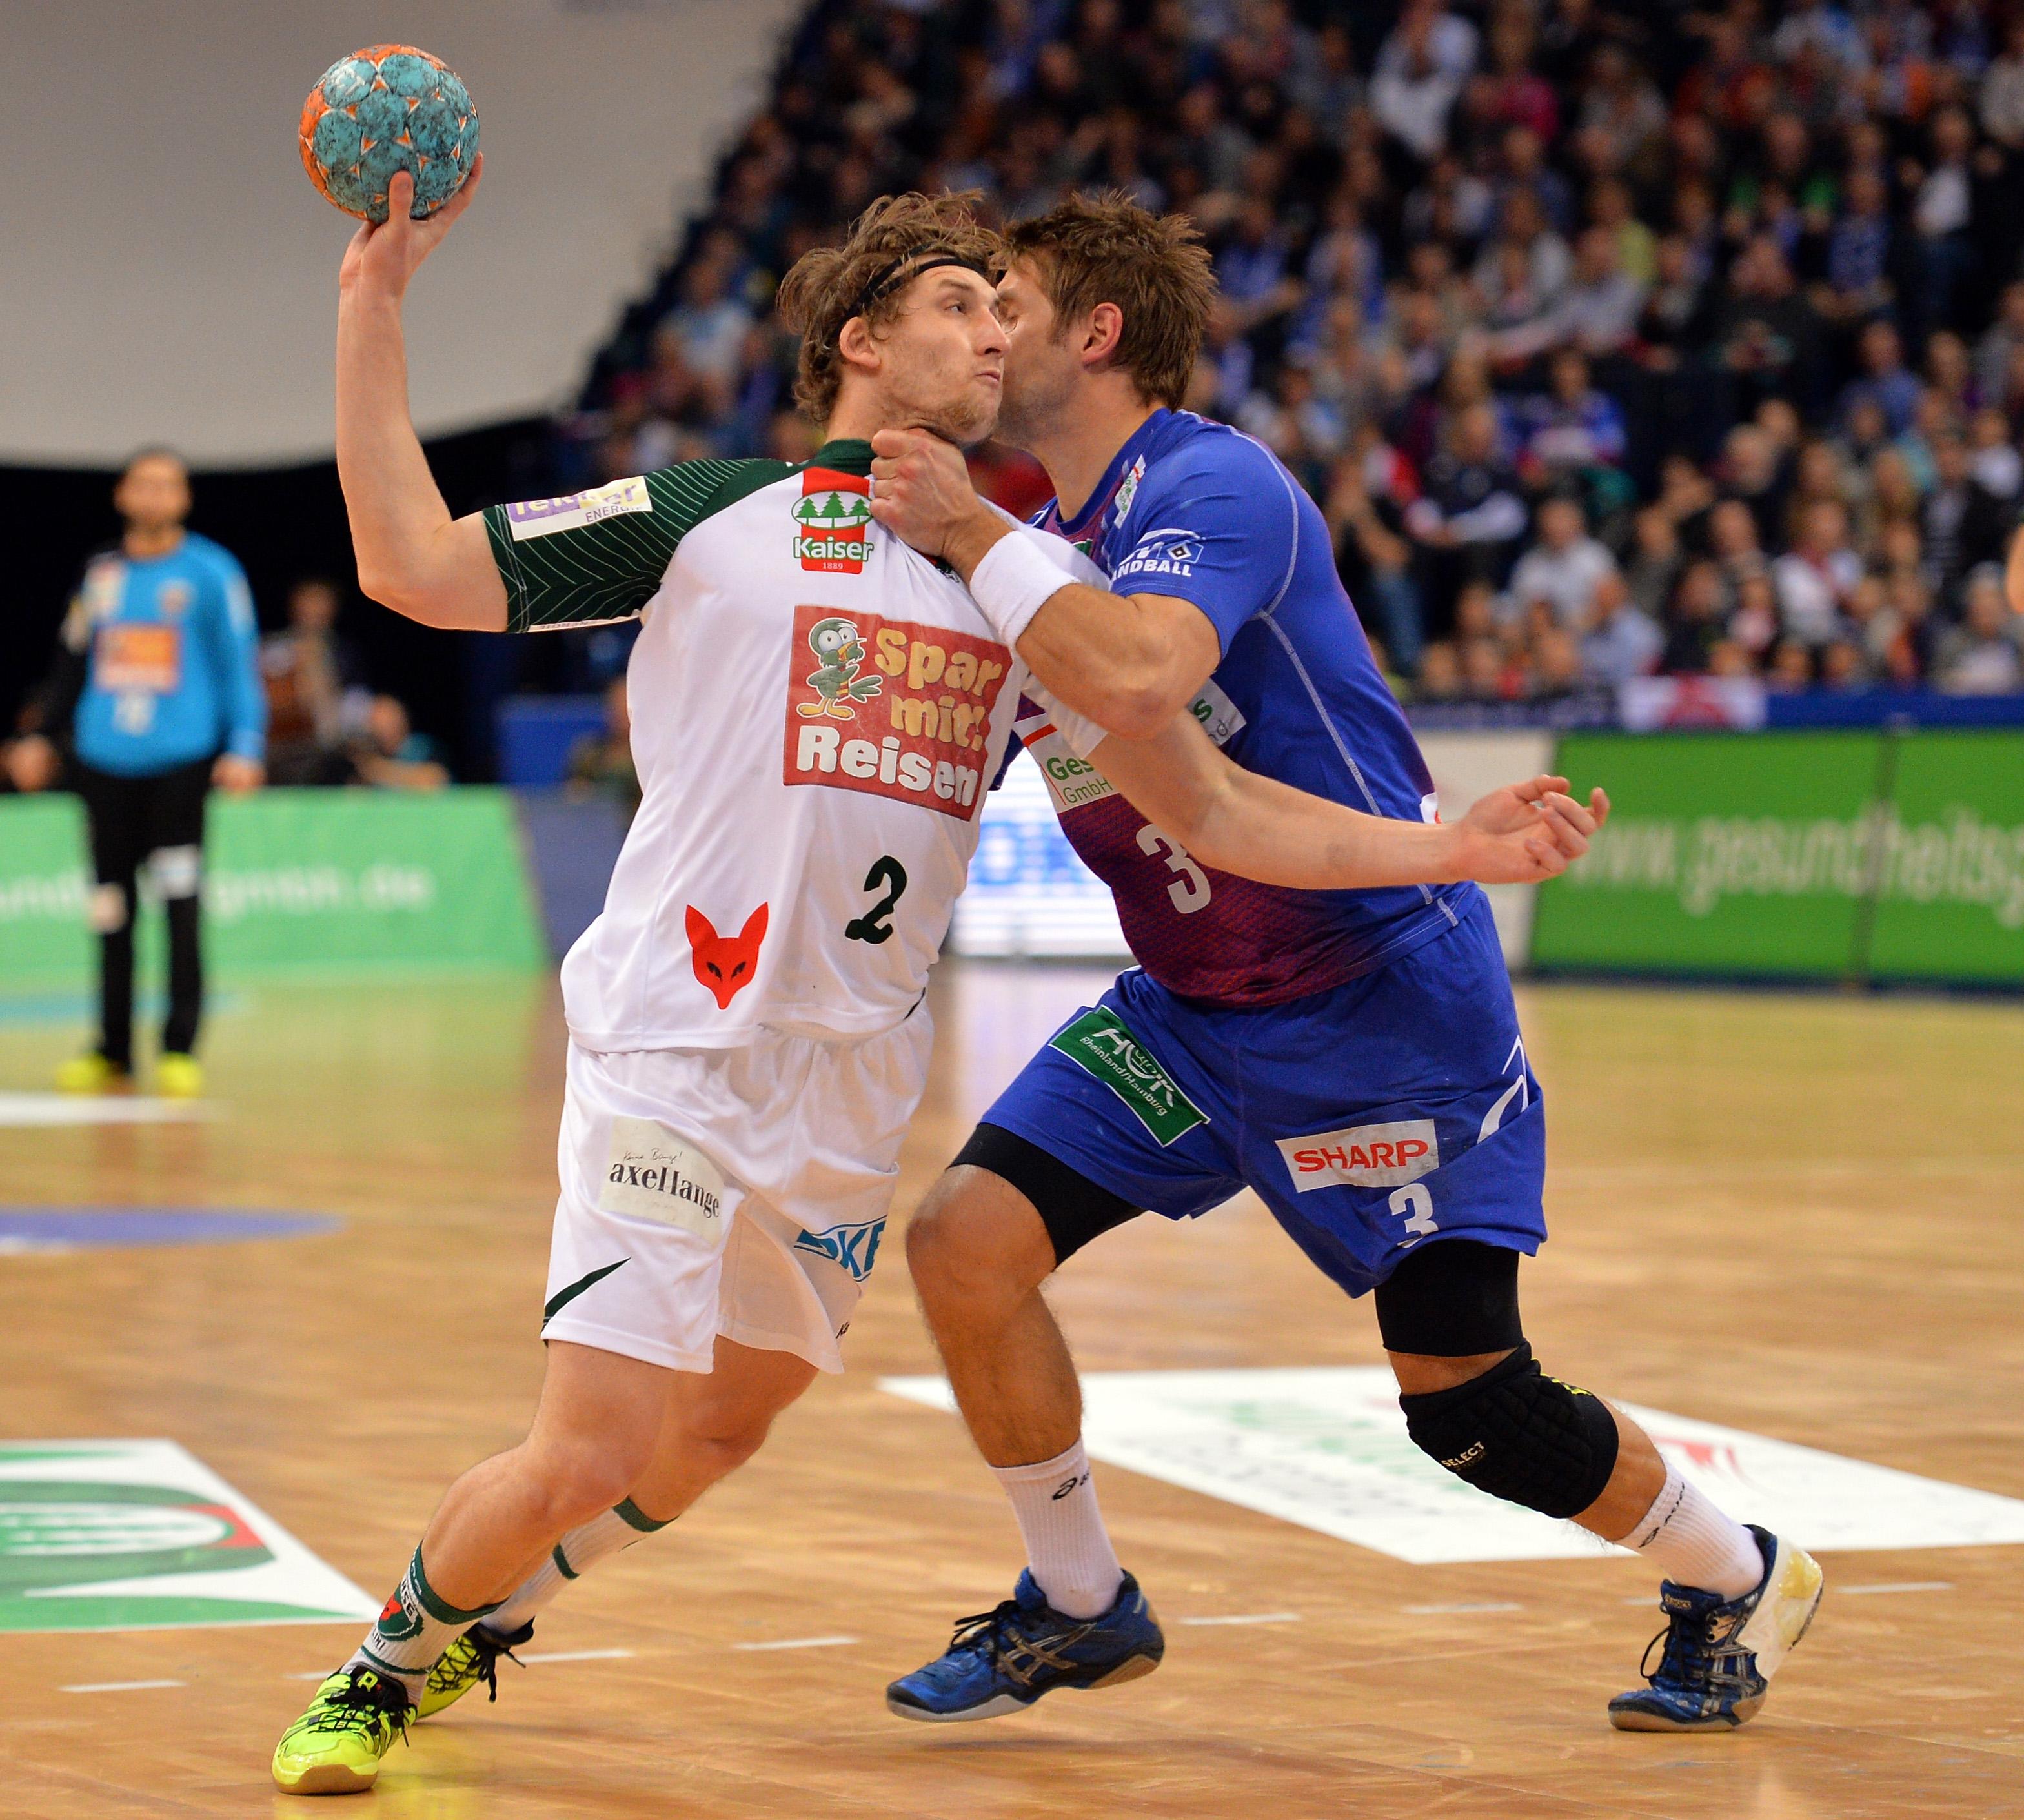 Live-Stream Handball Bundesliga 6. Spieltag: Heute Füchse Berlin vs TSV Hannover-Burgdorf und Bietigheim vs Baltingen-Weilstetten, Live-Übertragung, Spielplan und Ergebnisse